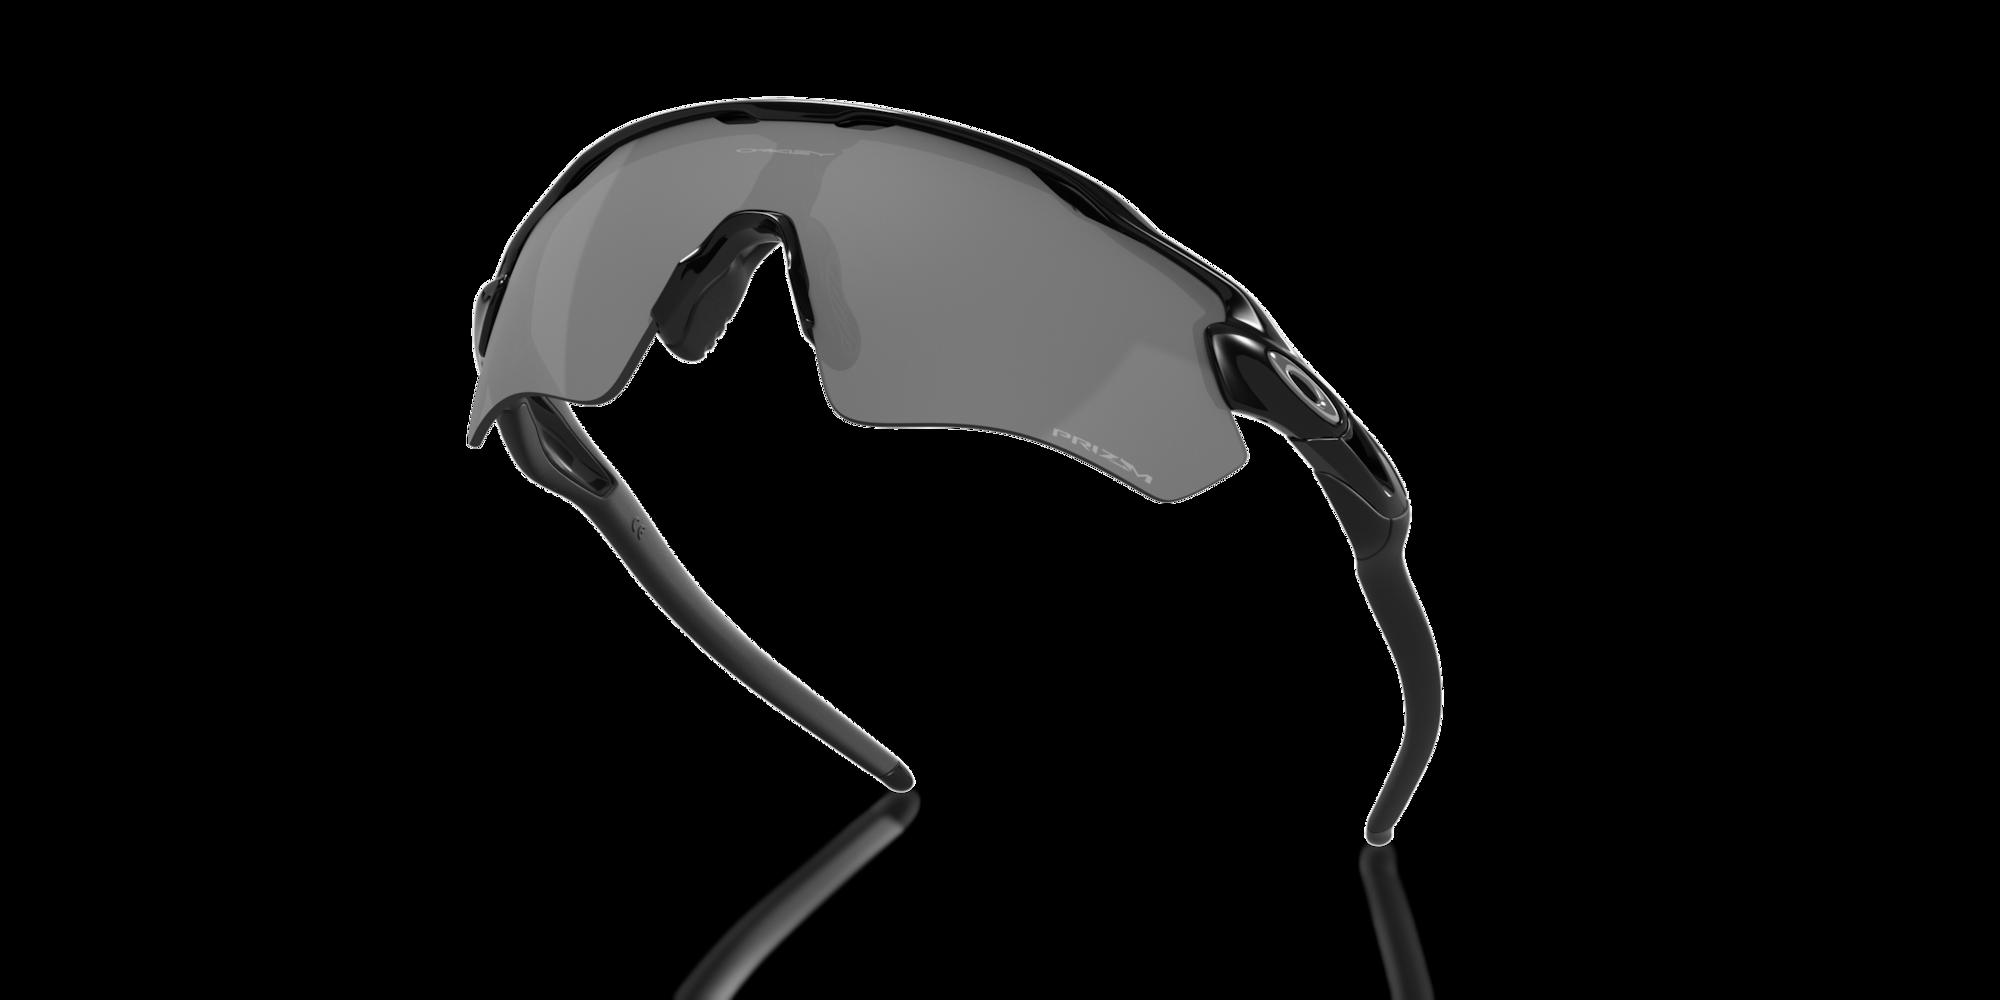 mens visor sunglasses in black from Oakley